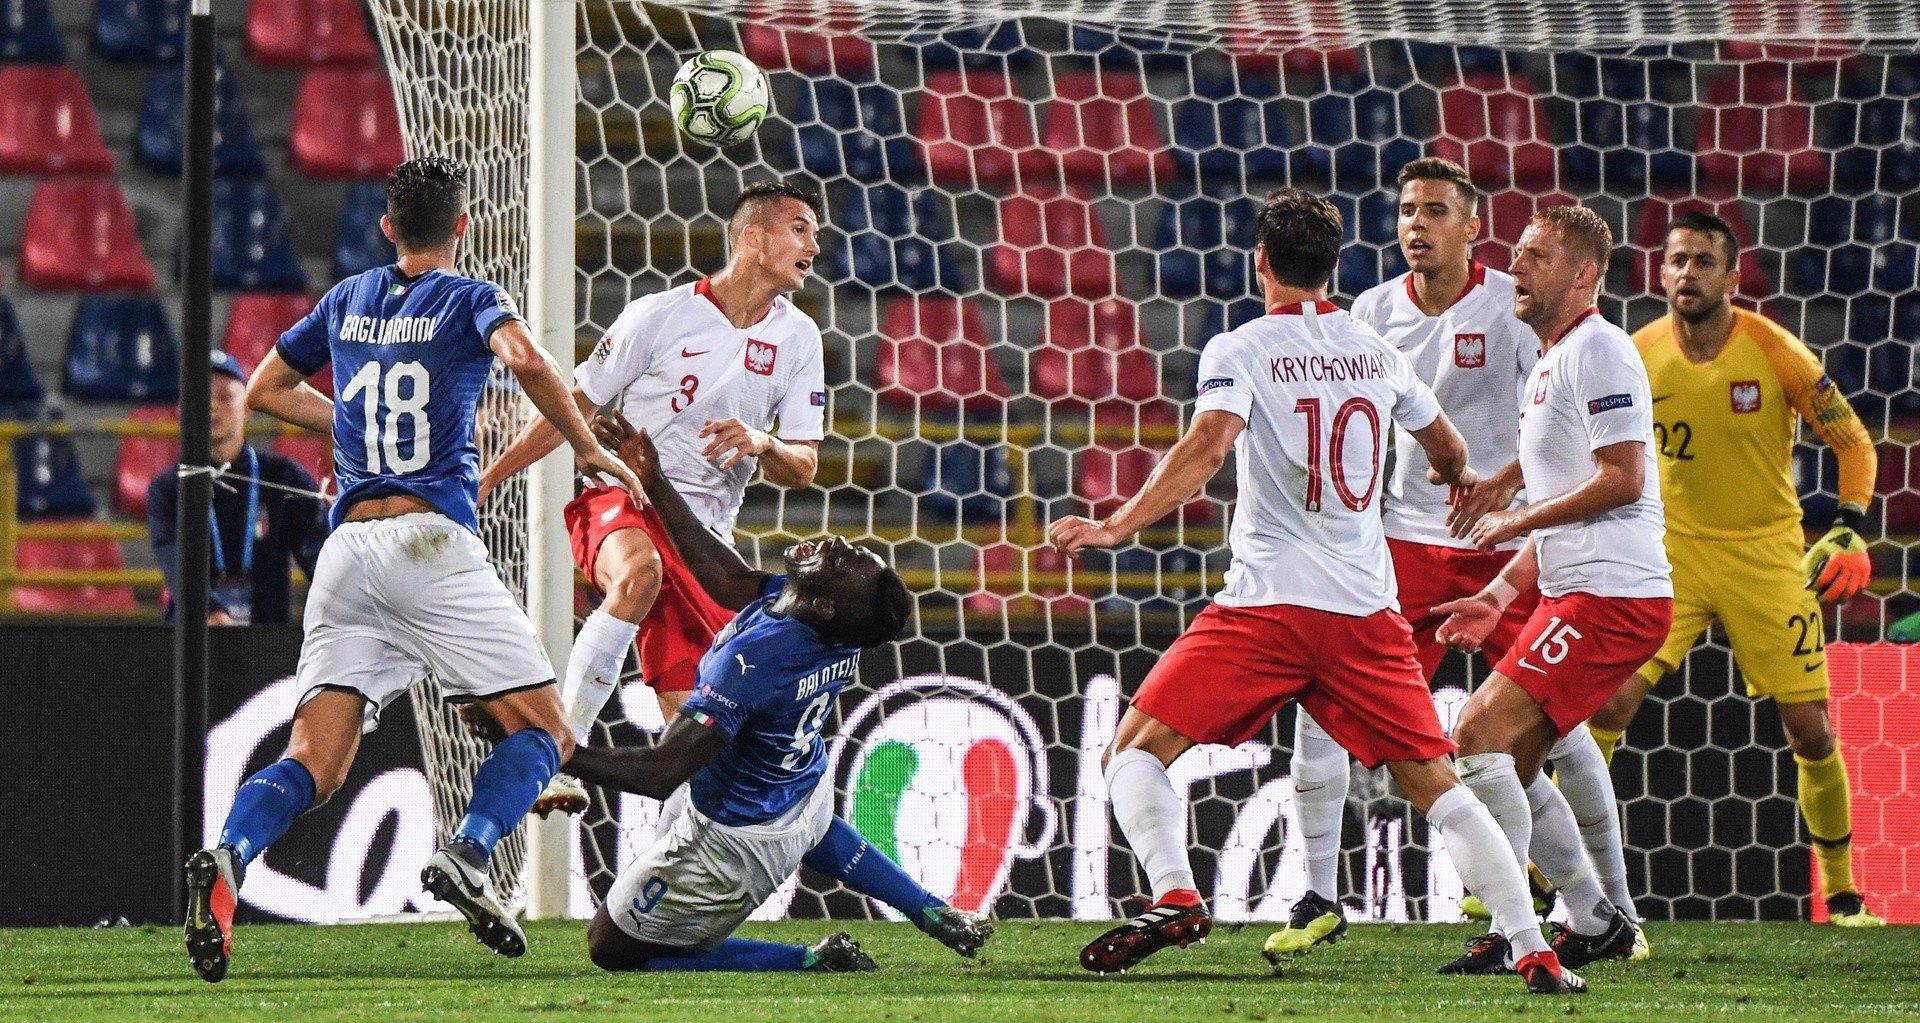 7512ba4b4 Ponad miesiąc temu mecz Włochy - Polska zakończył się remisem 1:1. Jak  będzie